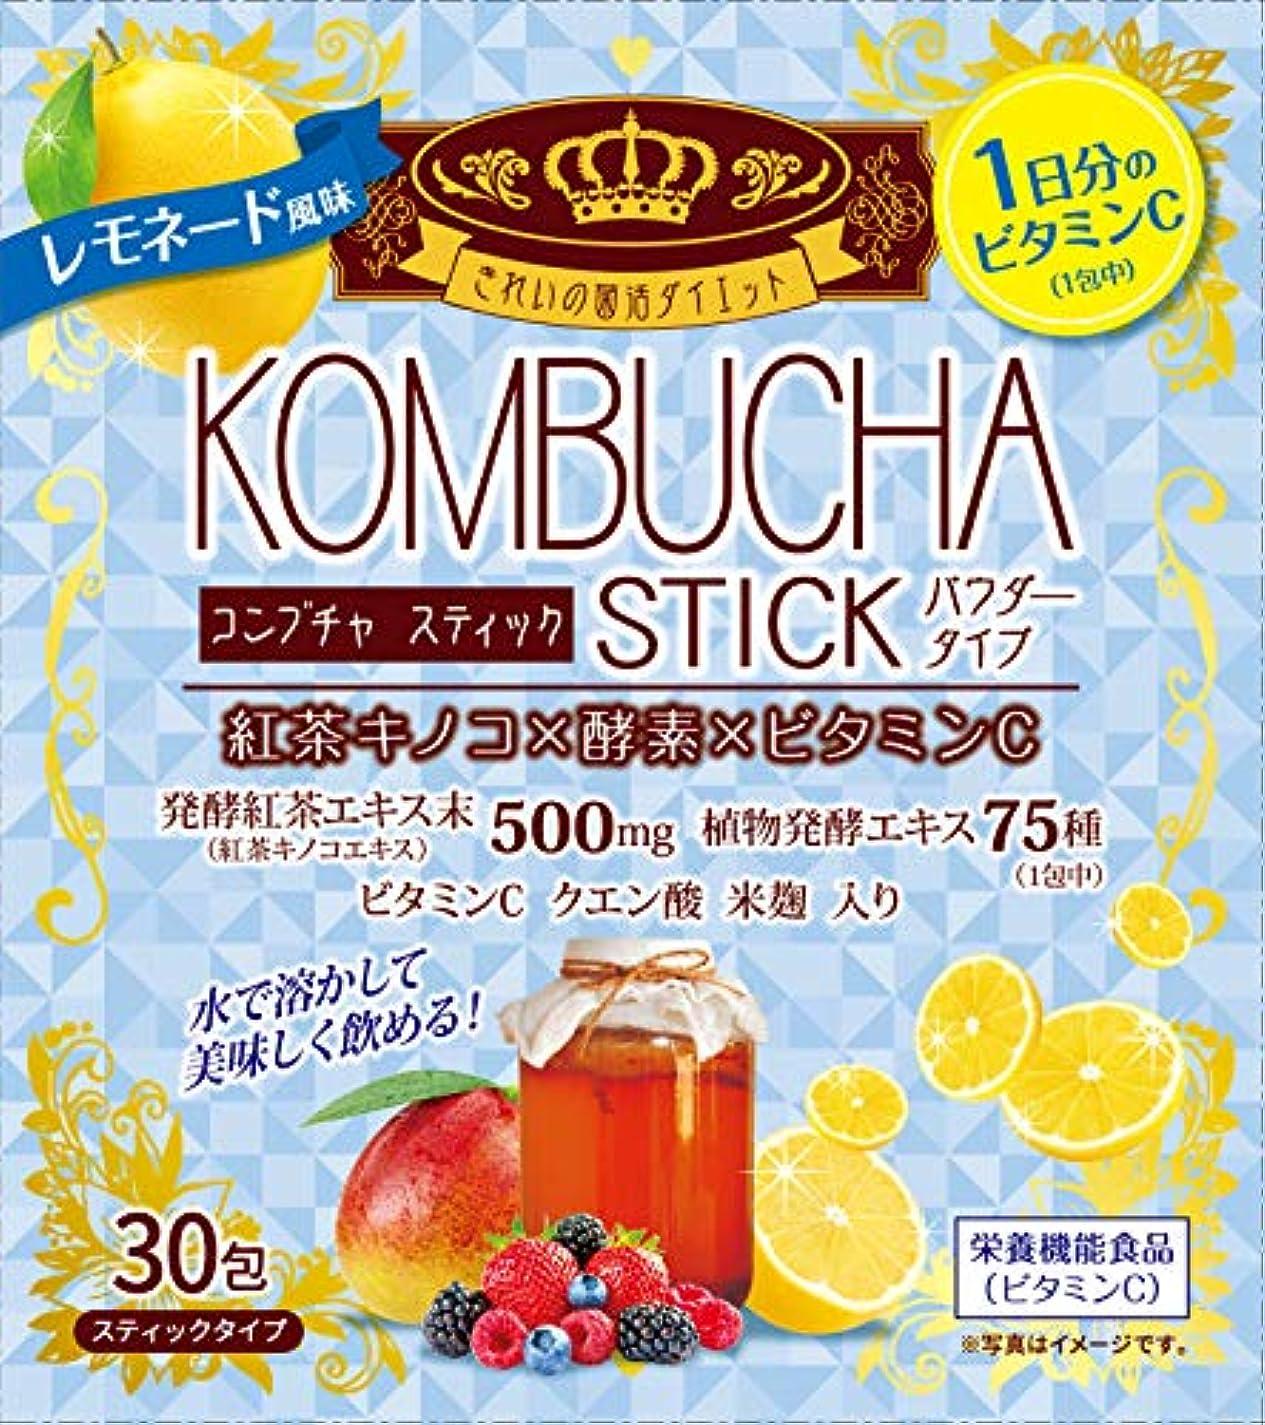 ファイターエスカレーター非アクティブKOMBUCHA STICK レモネード風味 30包